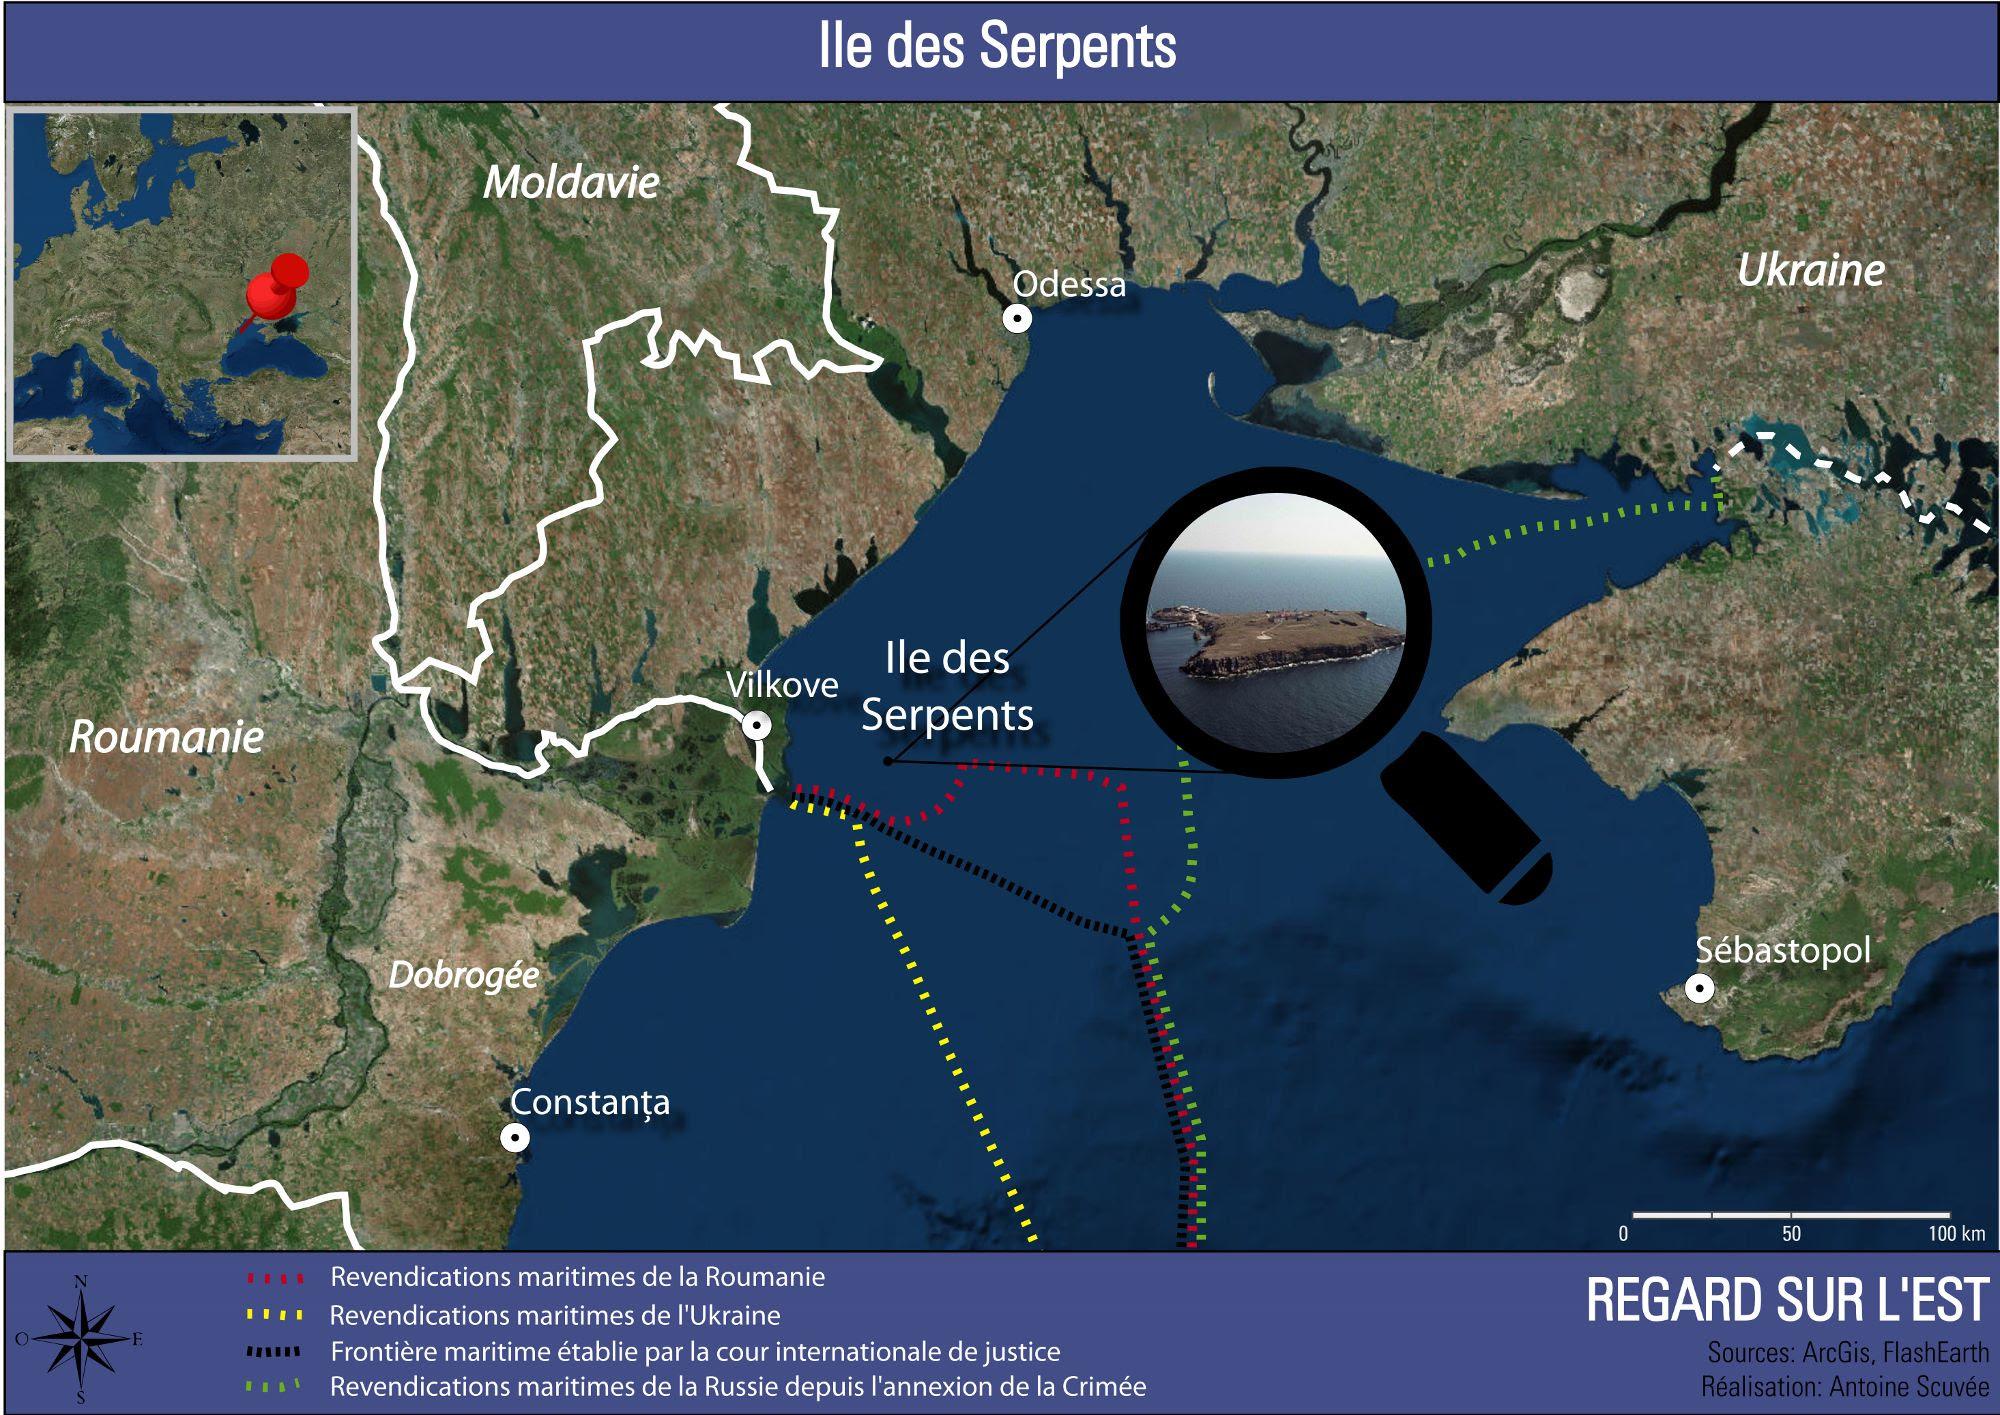 """Résultat de recherche d'images pour """"île du Serpent mer noire"""""""